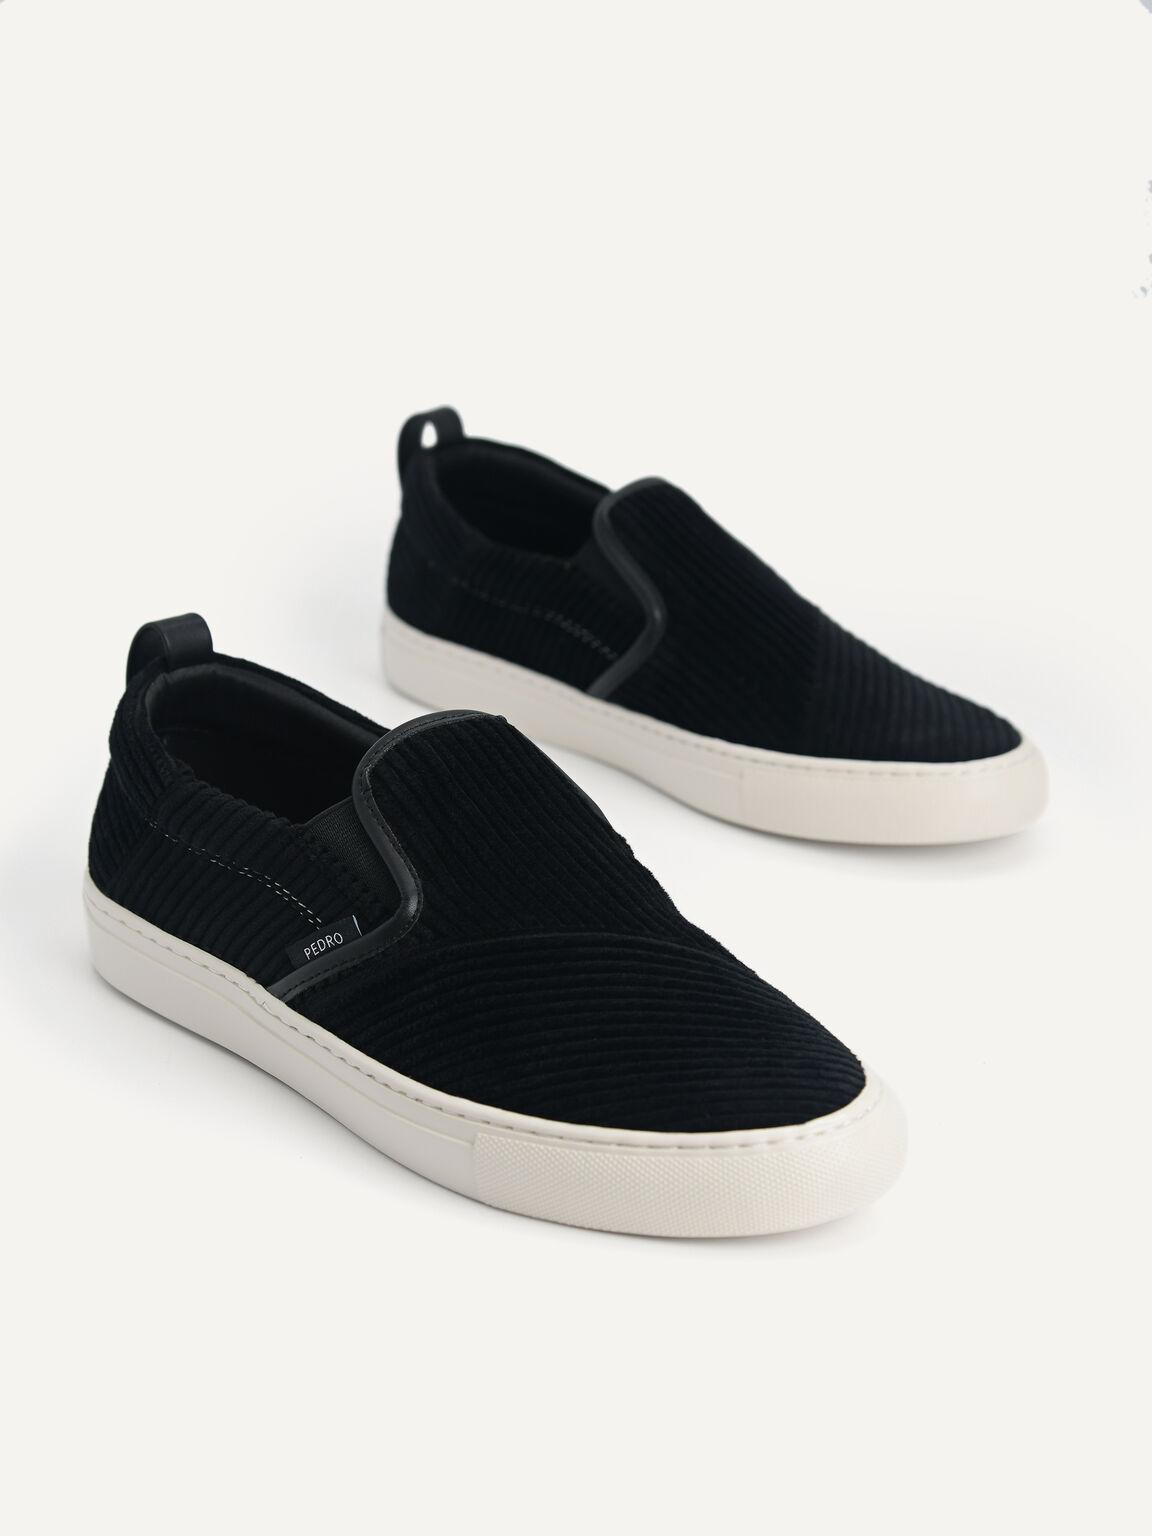 Corduroy Slip-On Sneakers, Black, hi-res